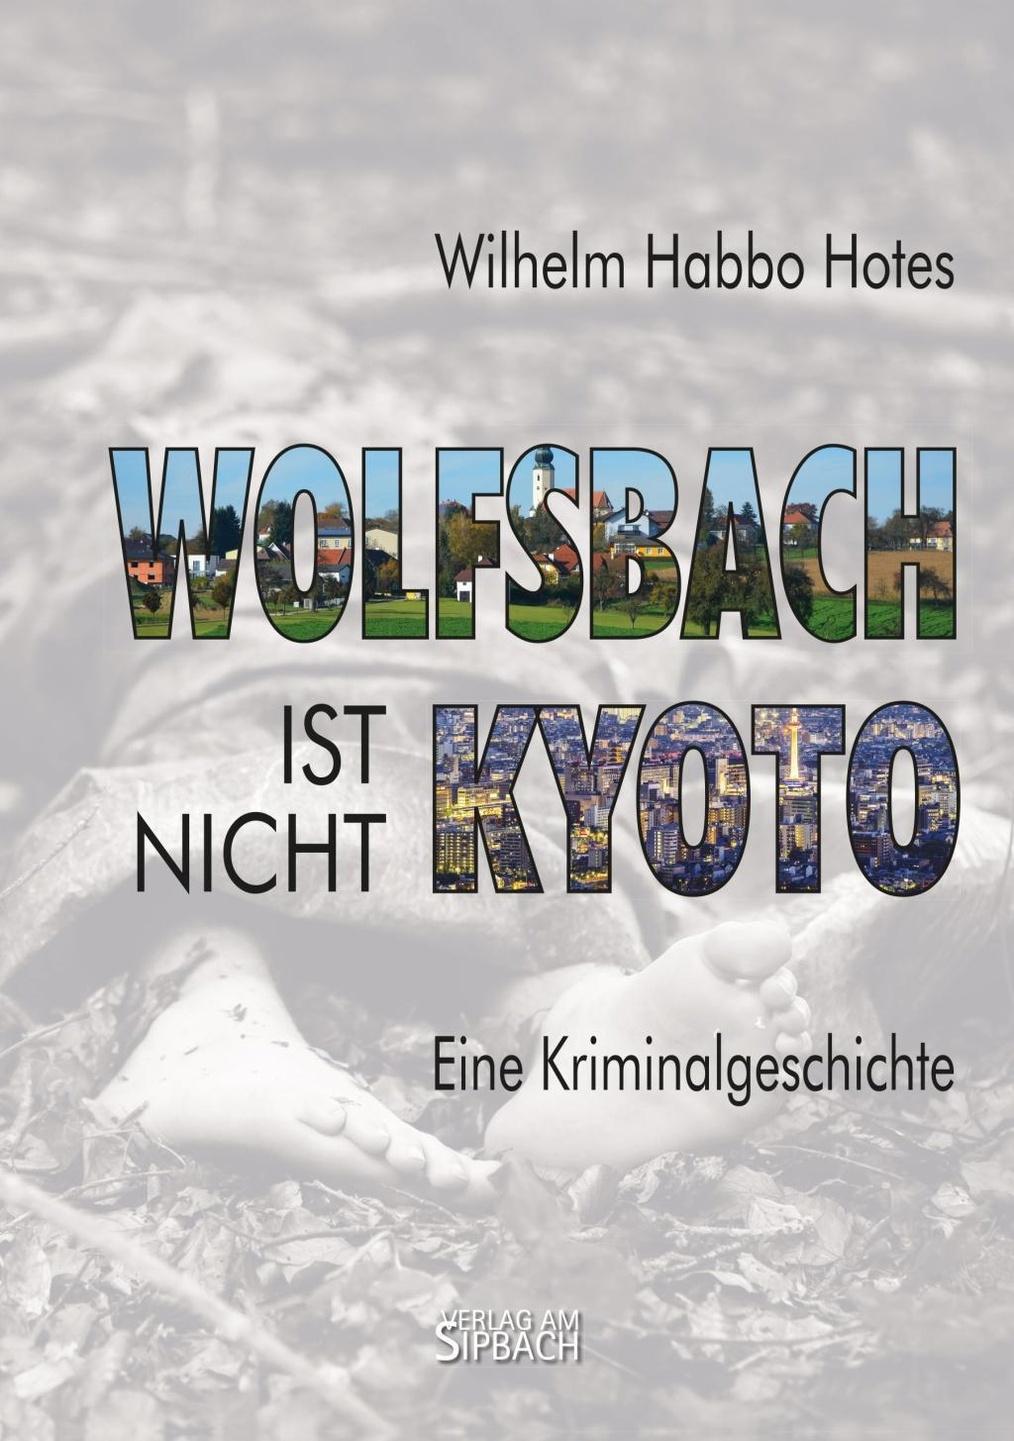 Kontaktanzeigen Wolfsbach | Locanto Dating Wolfsbach